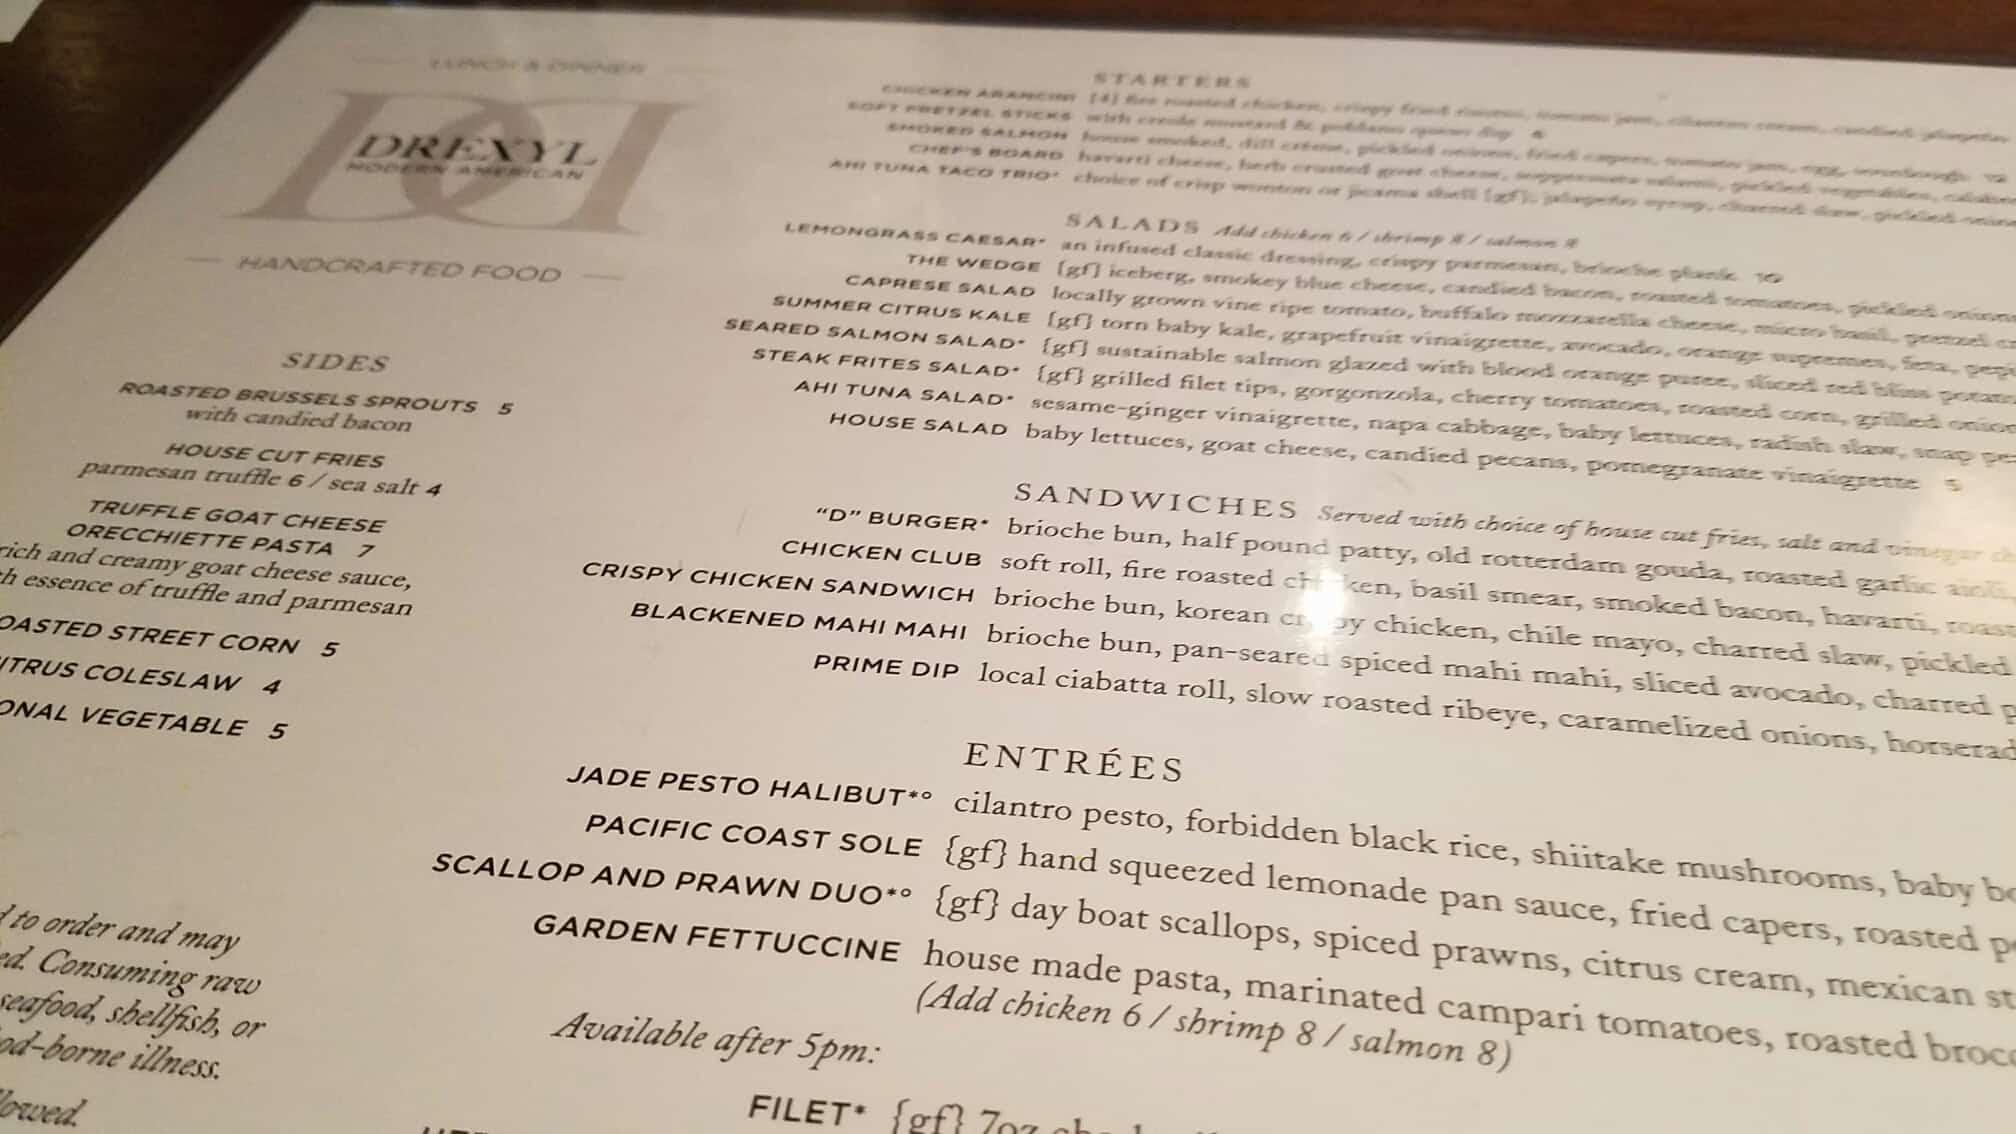 drexyl-scottsdale-menu